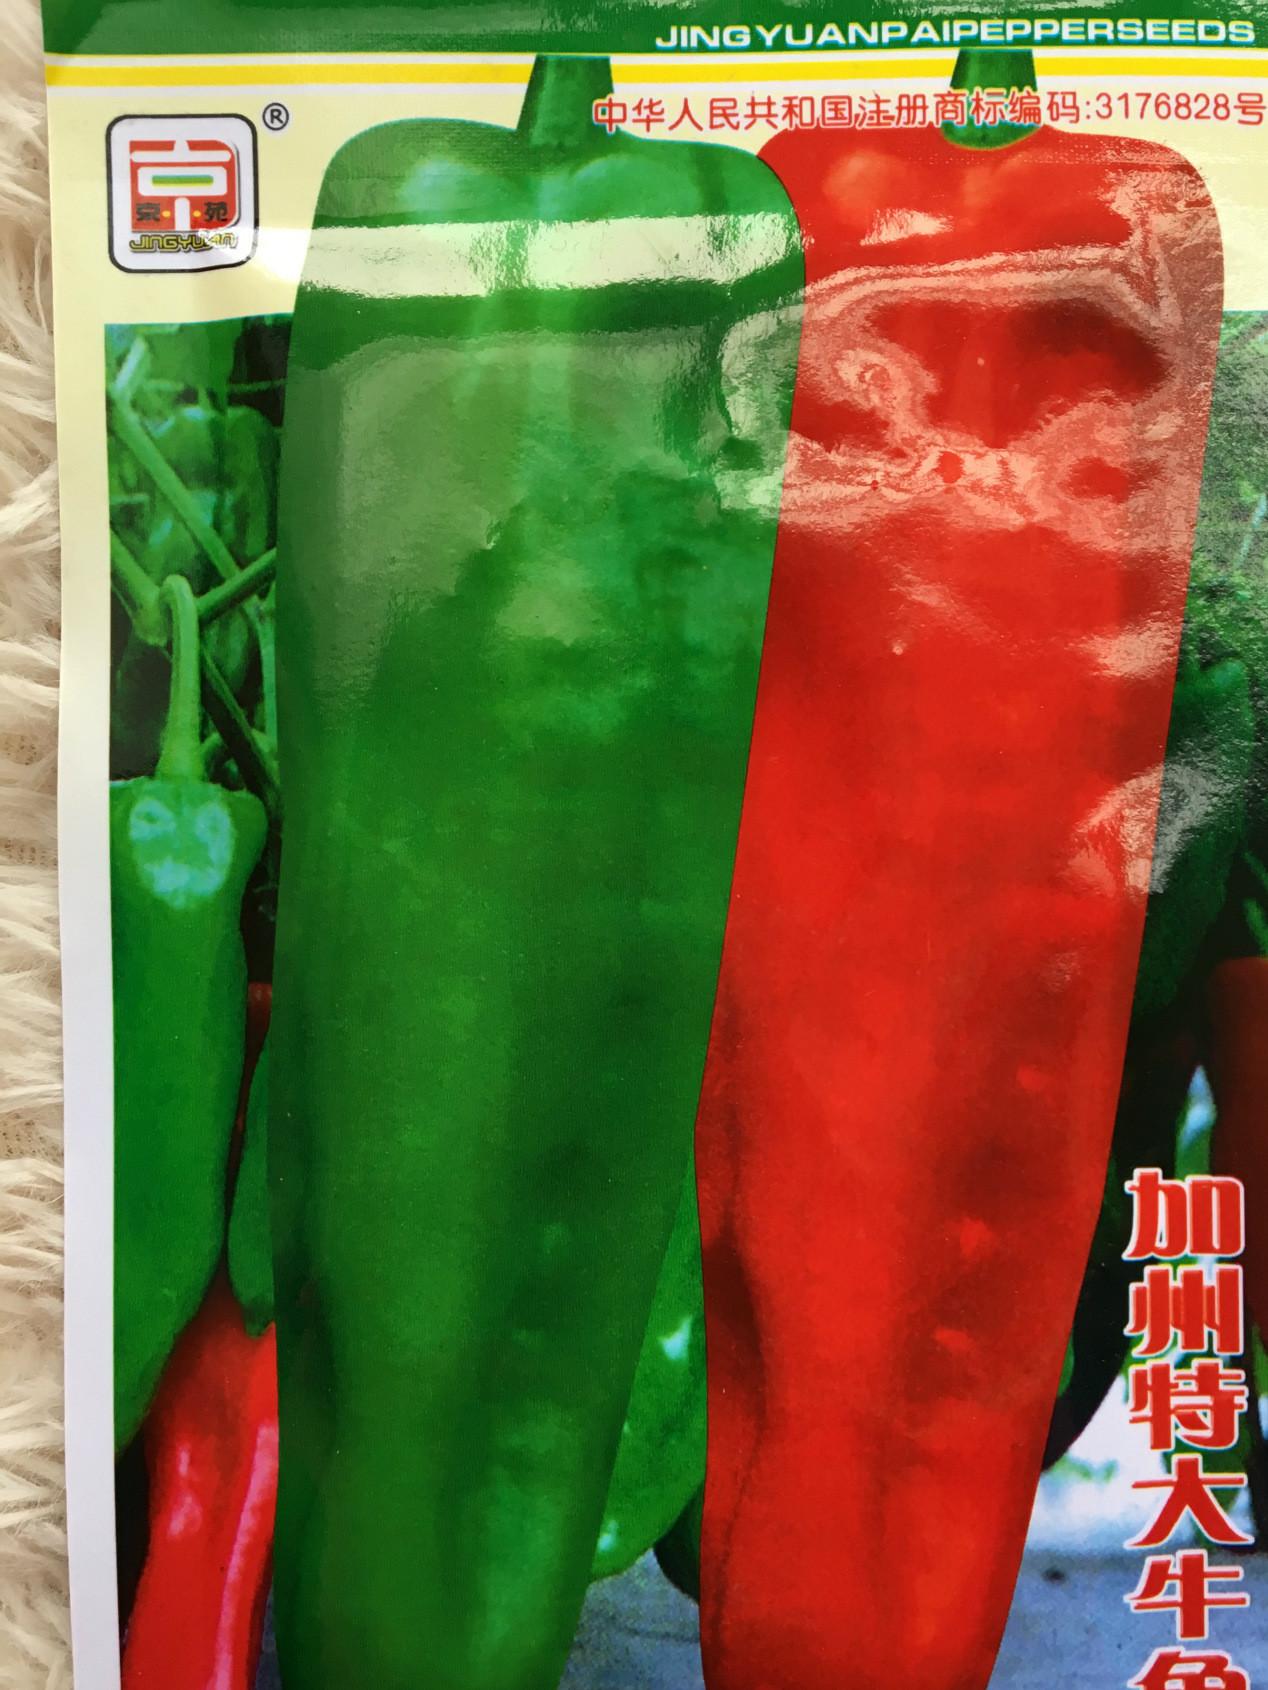 高产灯笼椒庭院香脆辣椒种子 牛角王辣椒种子小苗辣椒苗量大优惠